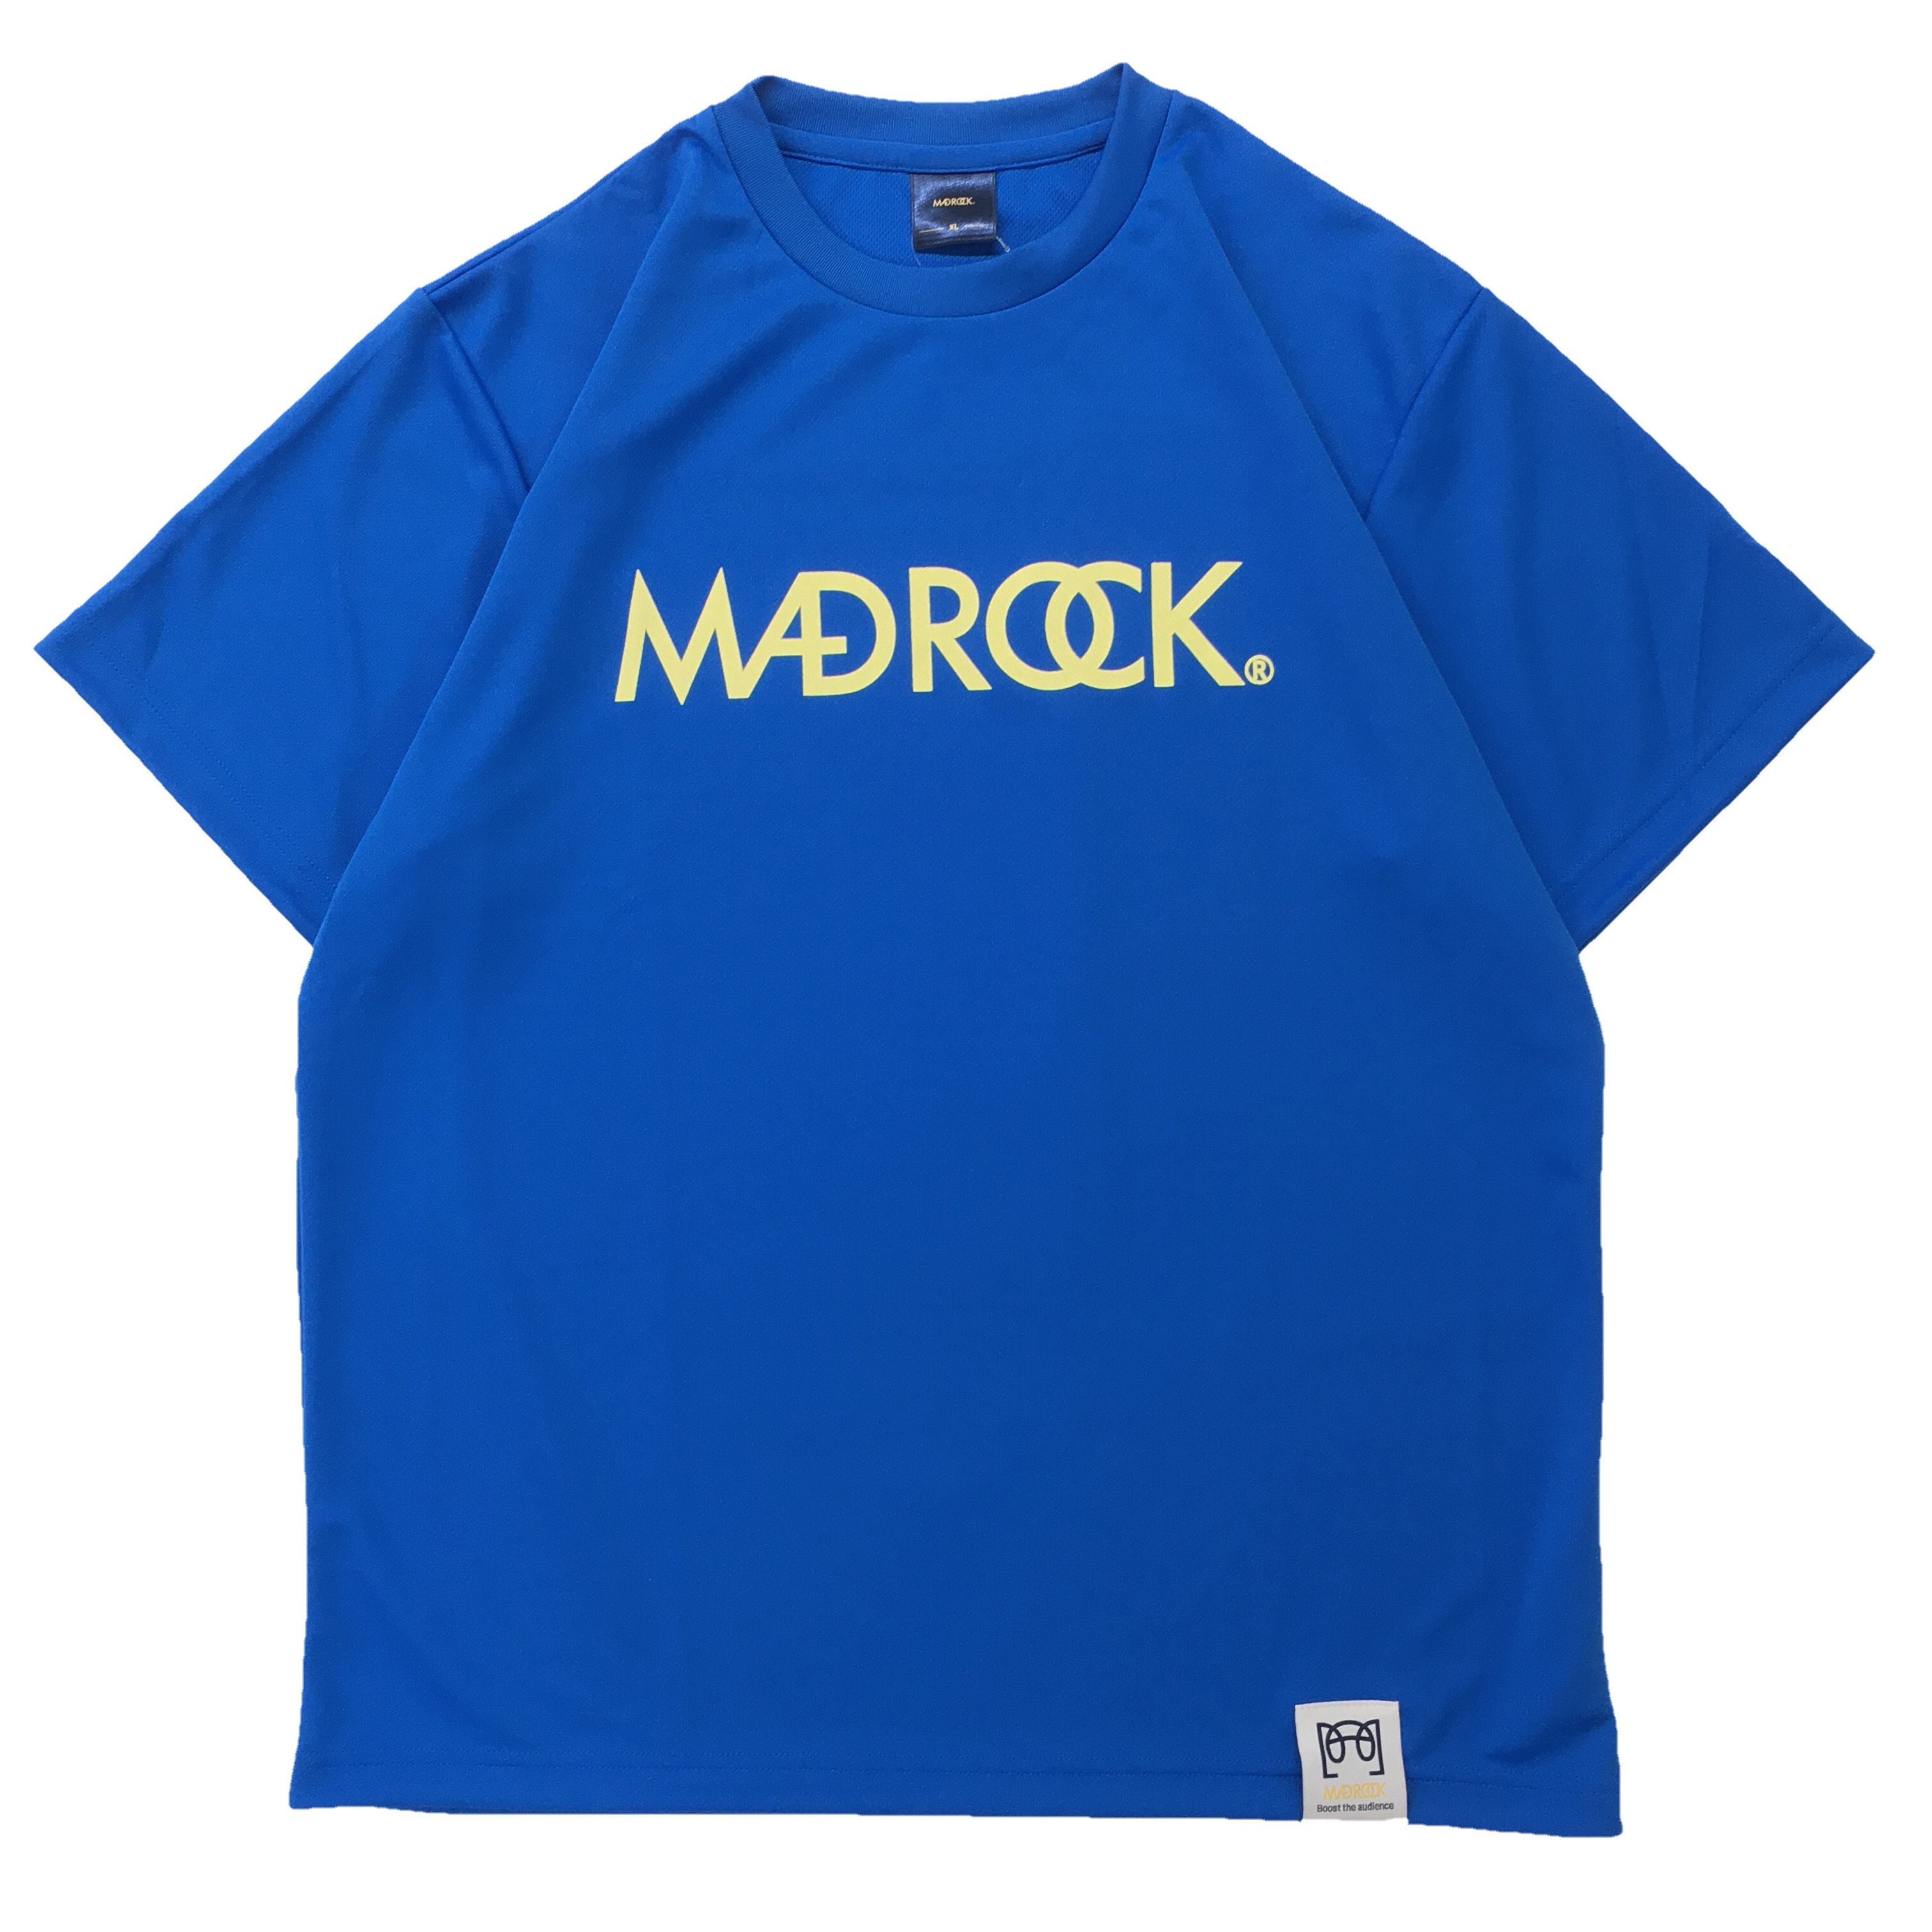 【新作/オンラインストア限定】マッドロックロゴ Tシャツ / ドライタイプ / ミディアムブルー & レモン